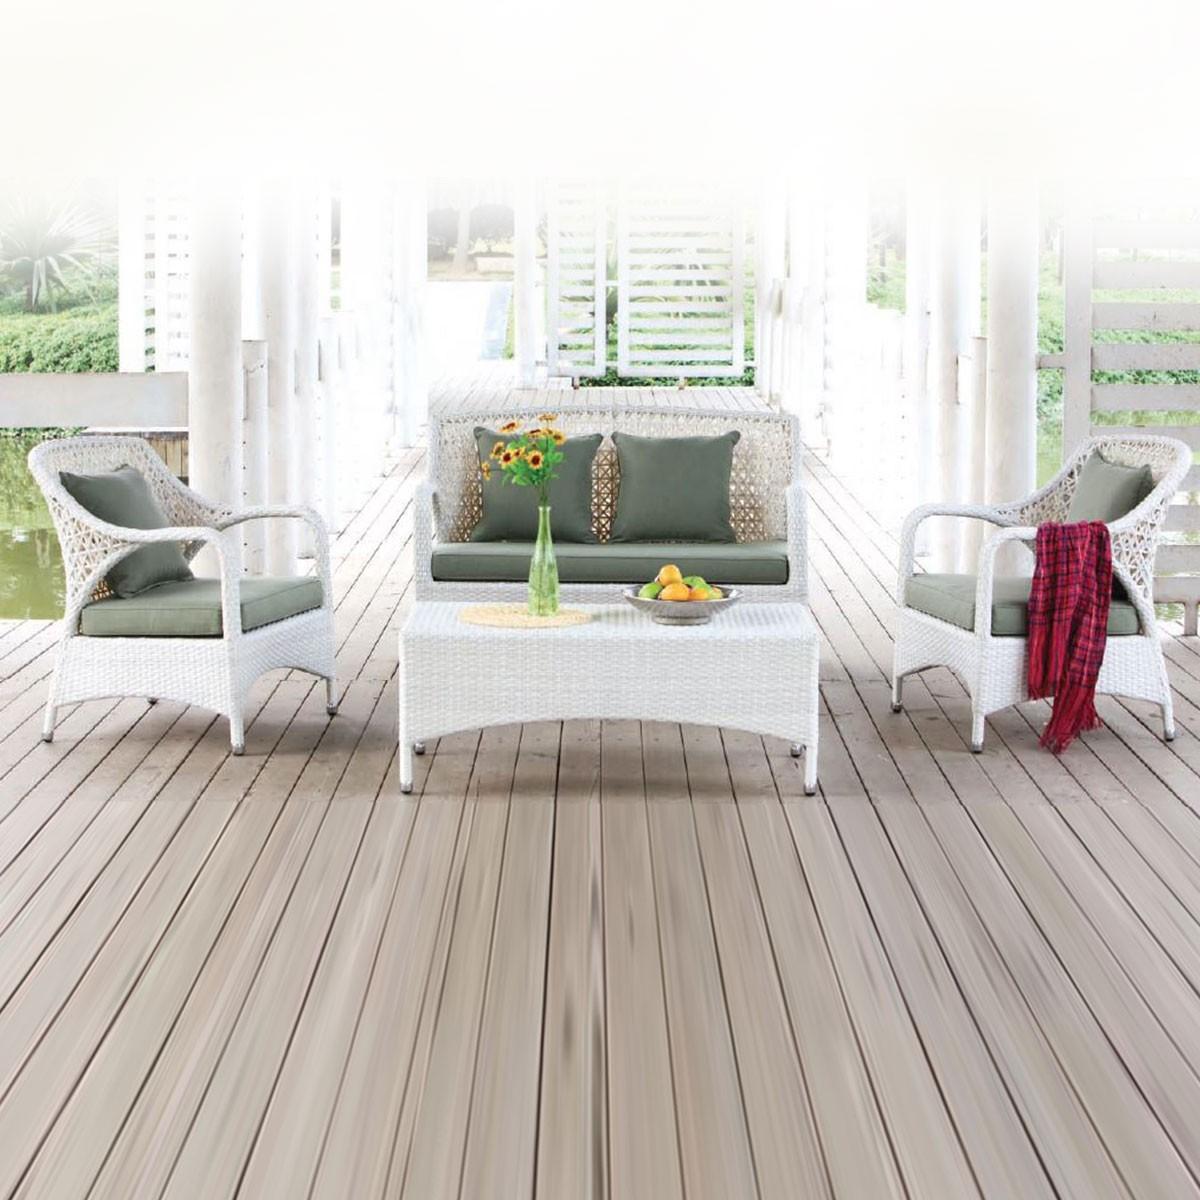 4-Pièce Salon de Jardin en Rotin avec Coussin: Causeuse, 2 Fauteuils, Table Basse (LLS-363)